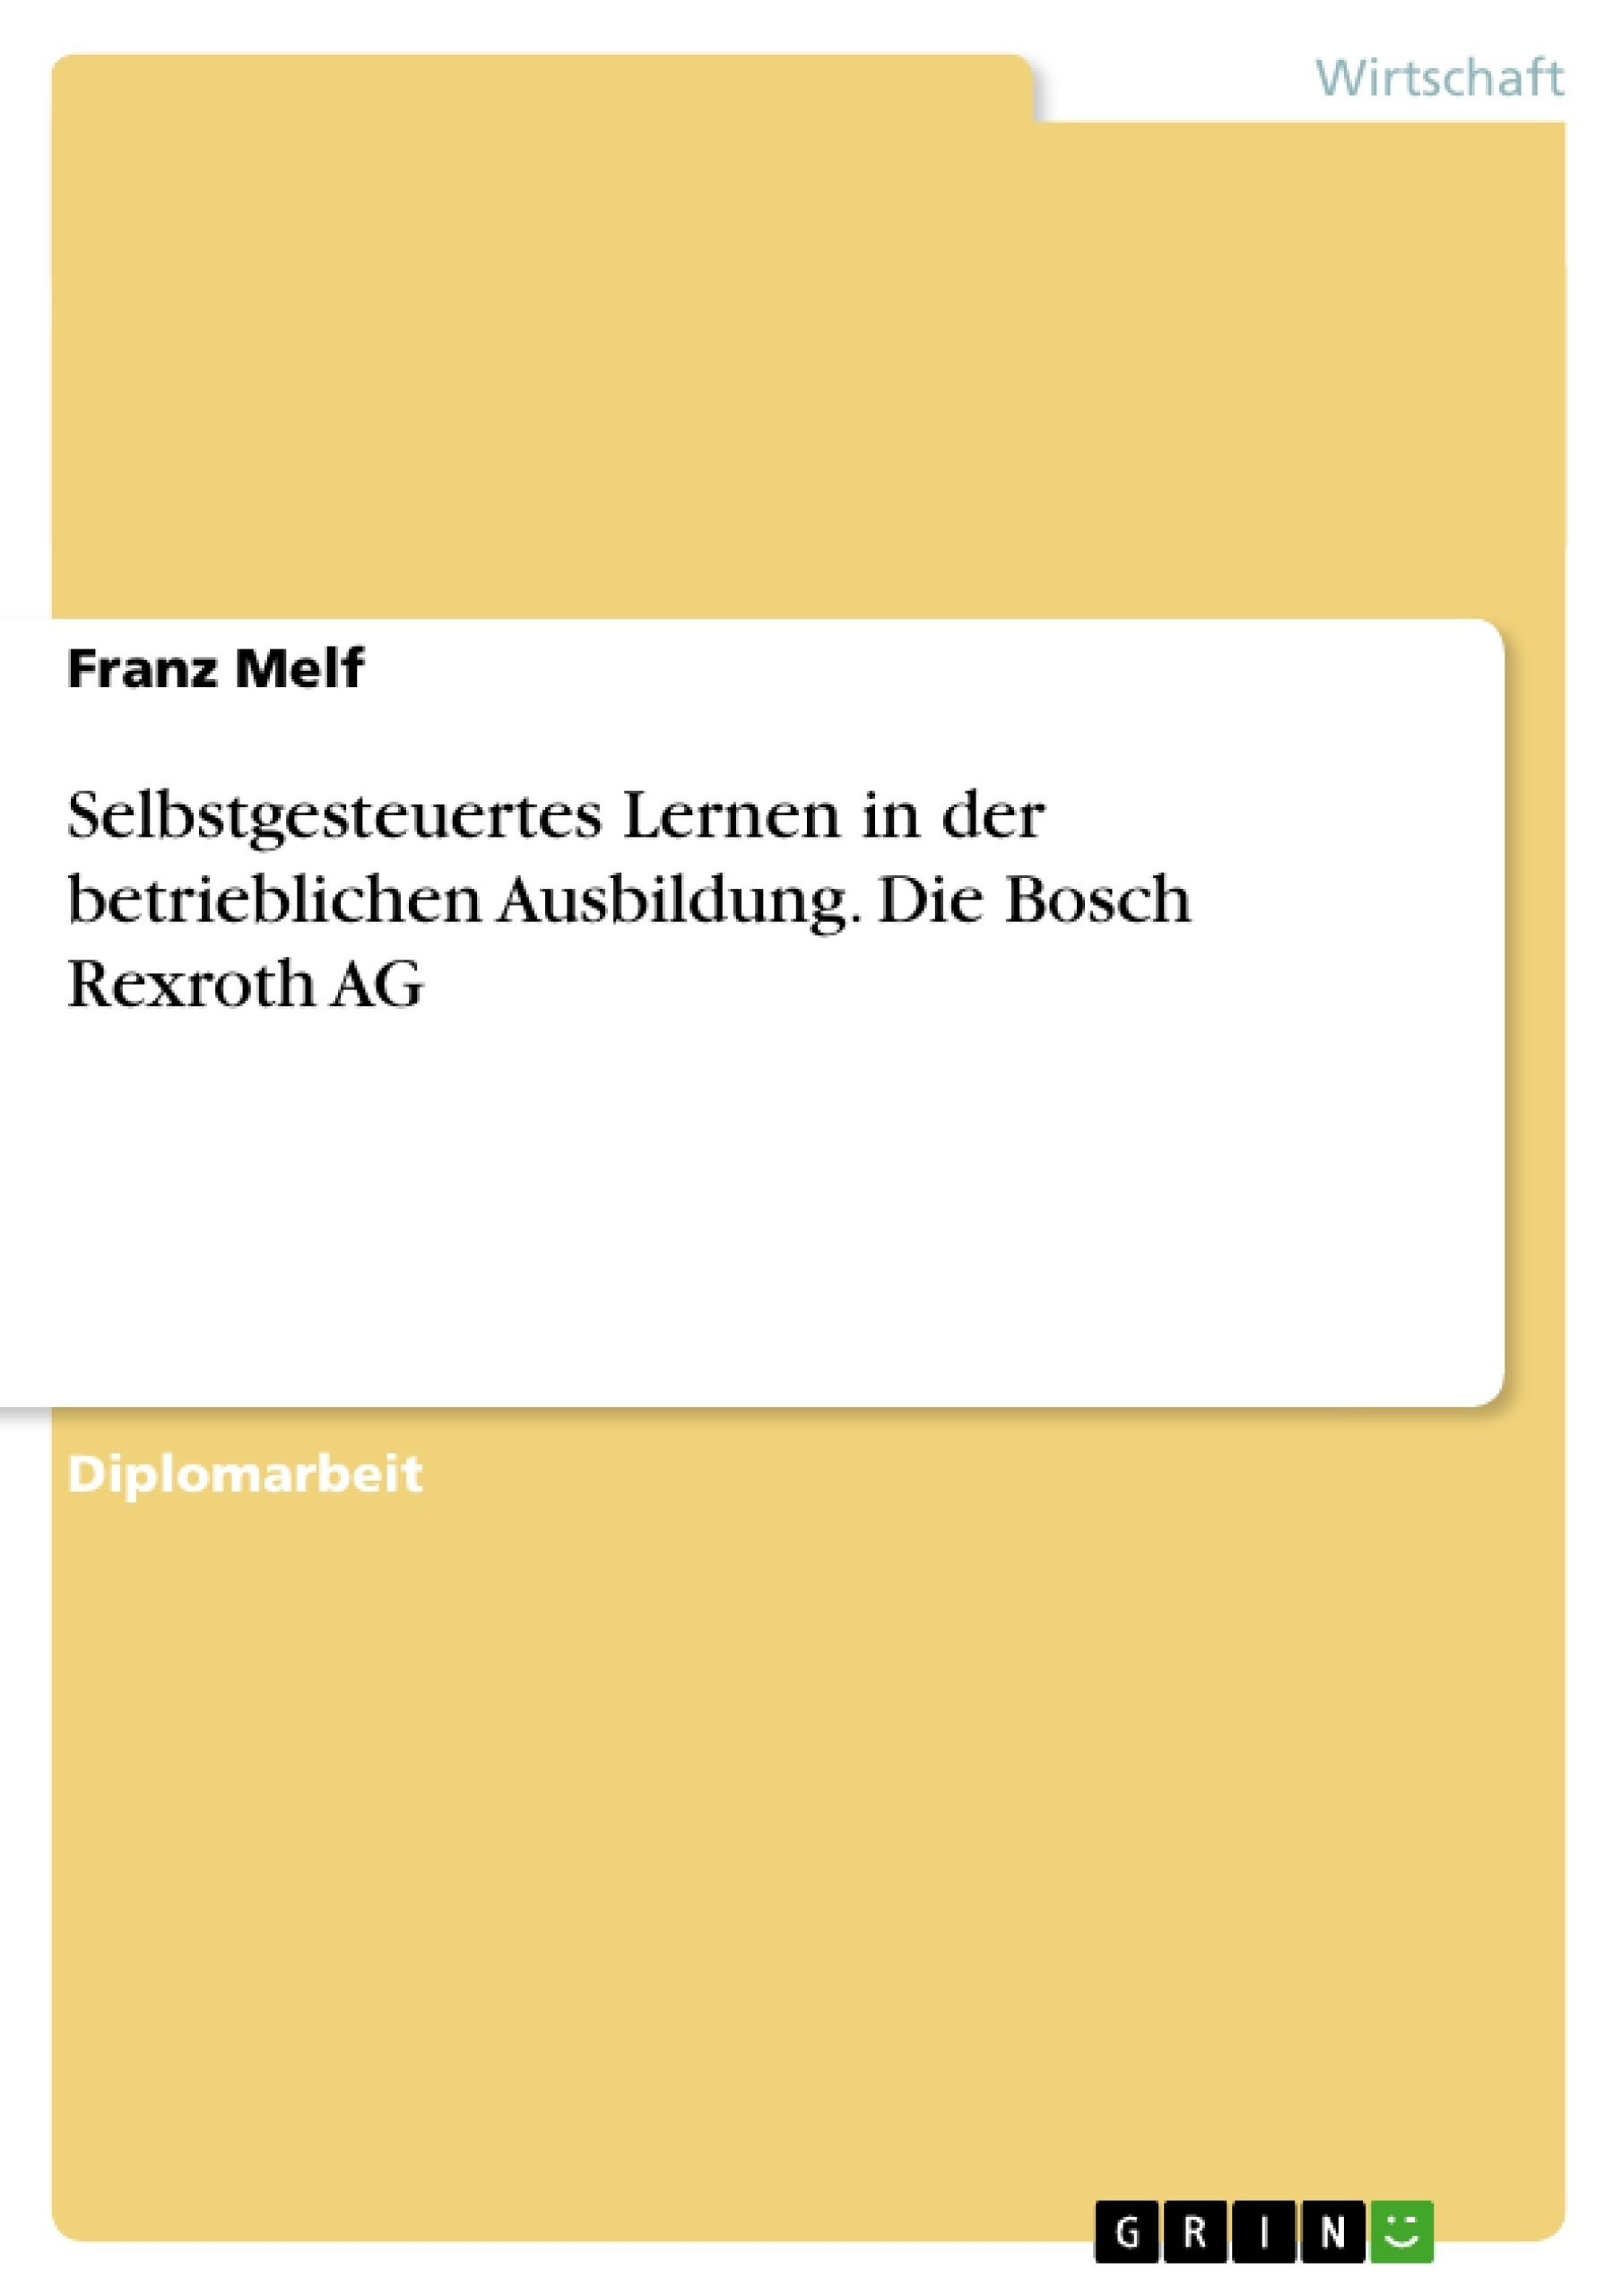 Titel: Selbstgesteuertes Lernen in der betrieblichen Ausbildung. Die Bosch Rexroth AG